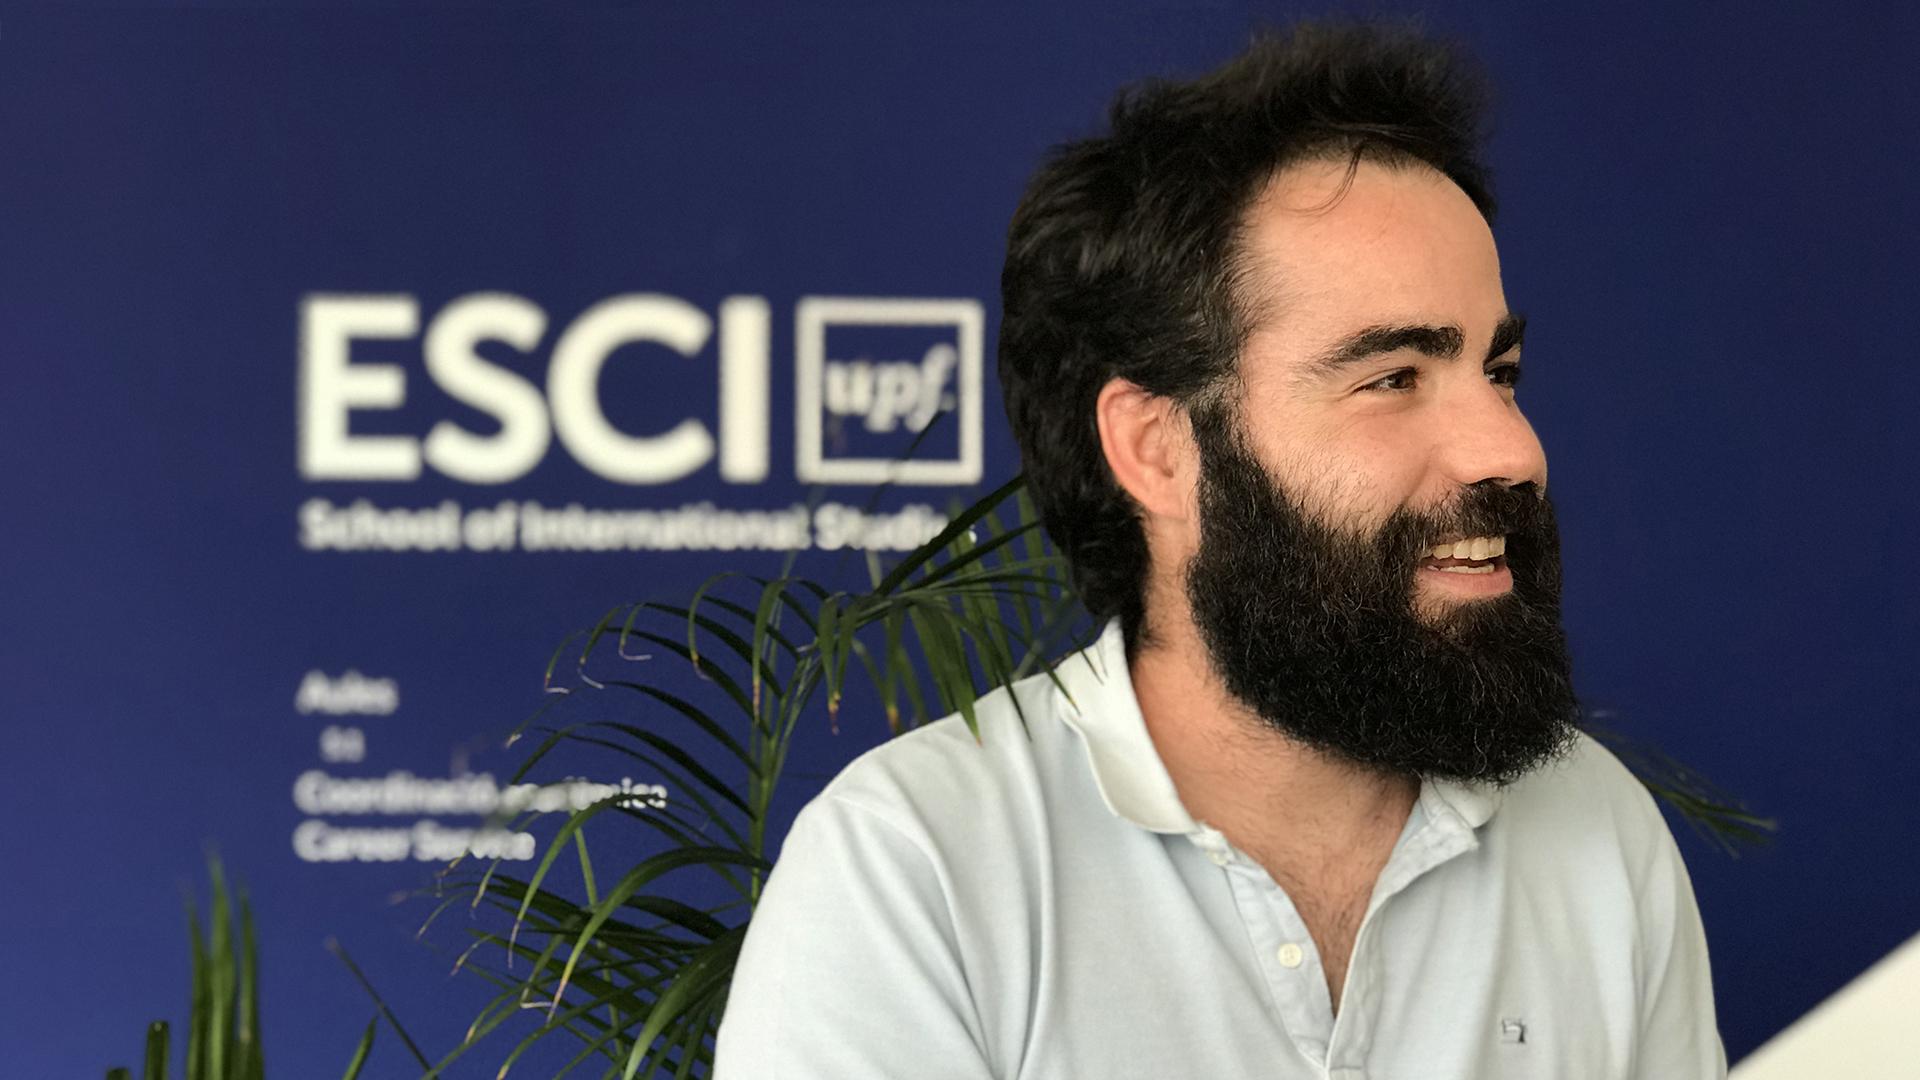 Jaume Albertí, investigador de la Càtedra UNESCO de Cicle de Vida i Canvi Climàtic ESCI-UPF